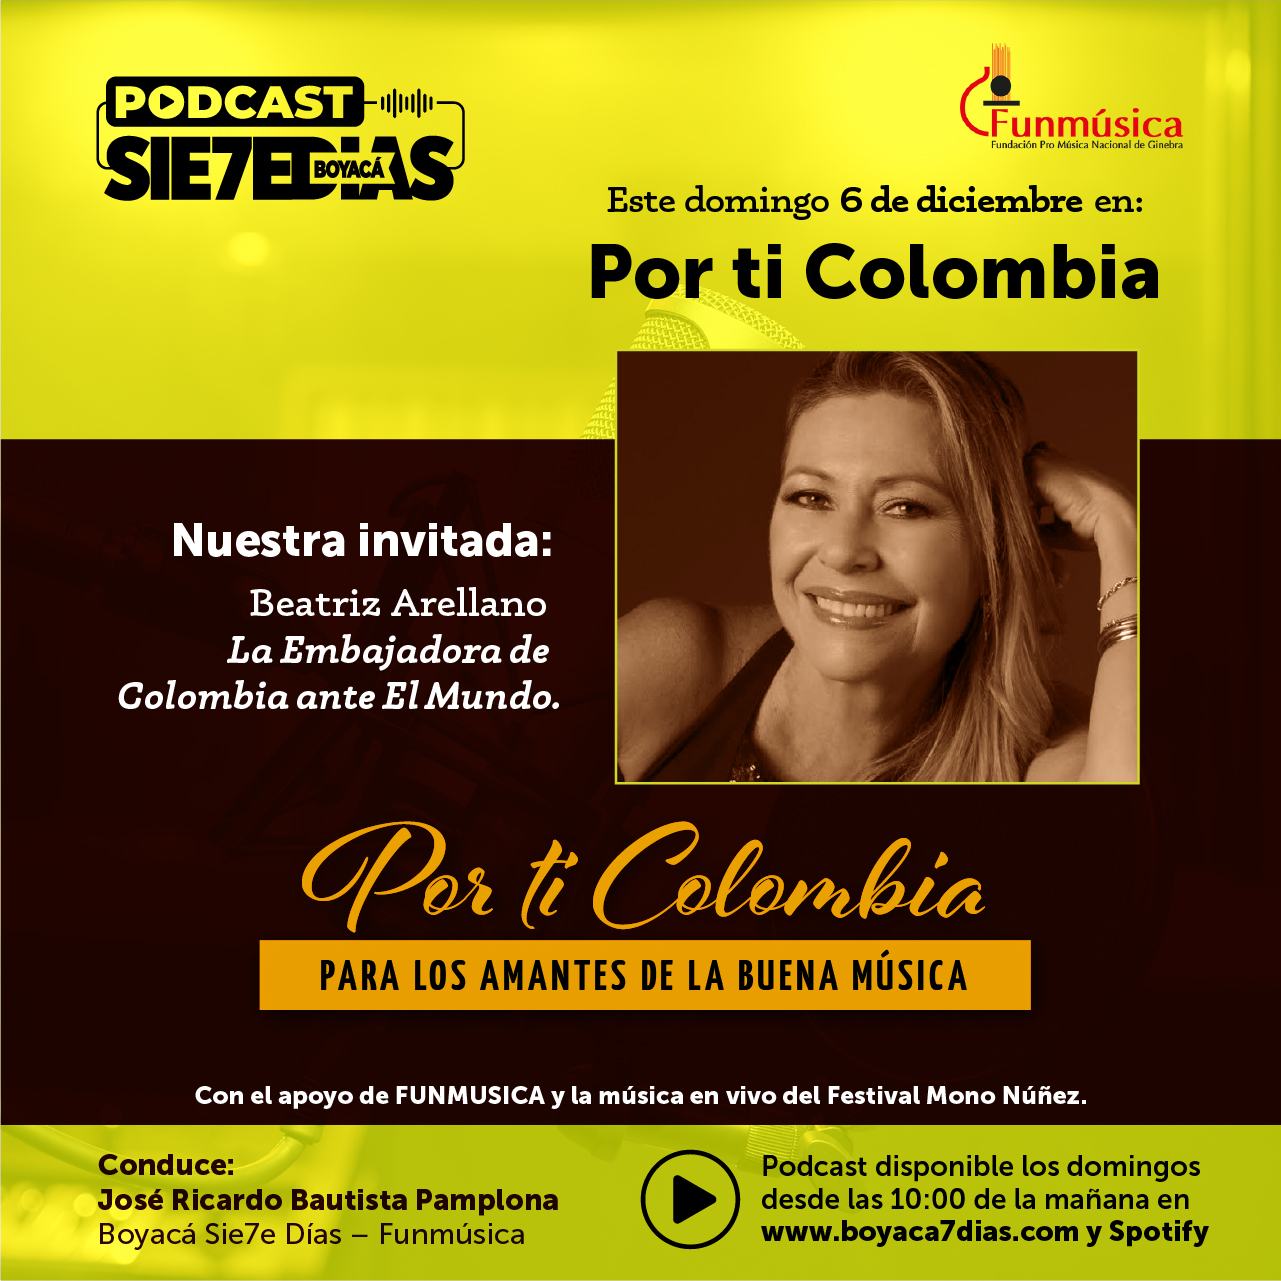 Por ti Colombia - con Beatriz Arellano - Domingo 6 de Diciembre 2020 #Podcast7días 1